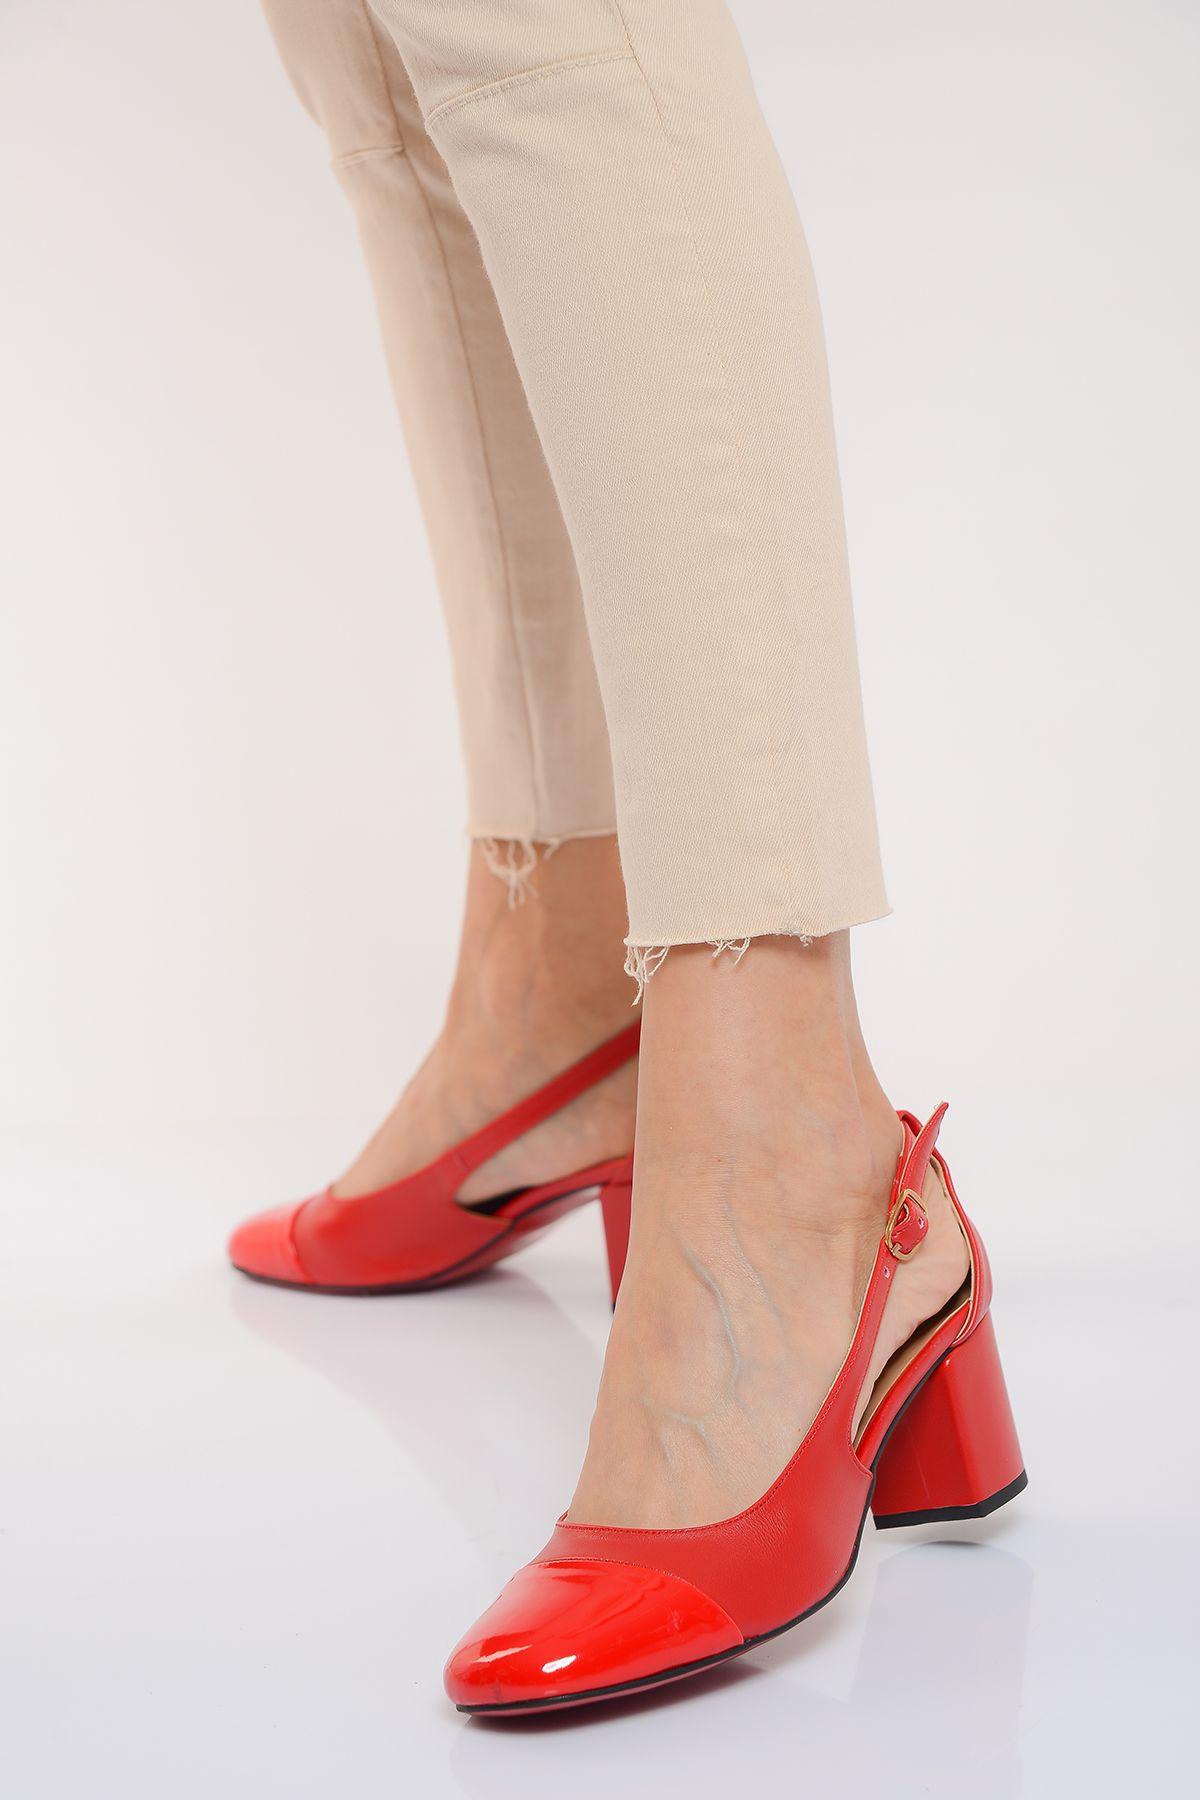 89ad9cdd97c87 Kadın 2019 Yaz Ayakkabı Modelleri, Fiyatları, Aynı Gün Kargo - Shoes ...